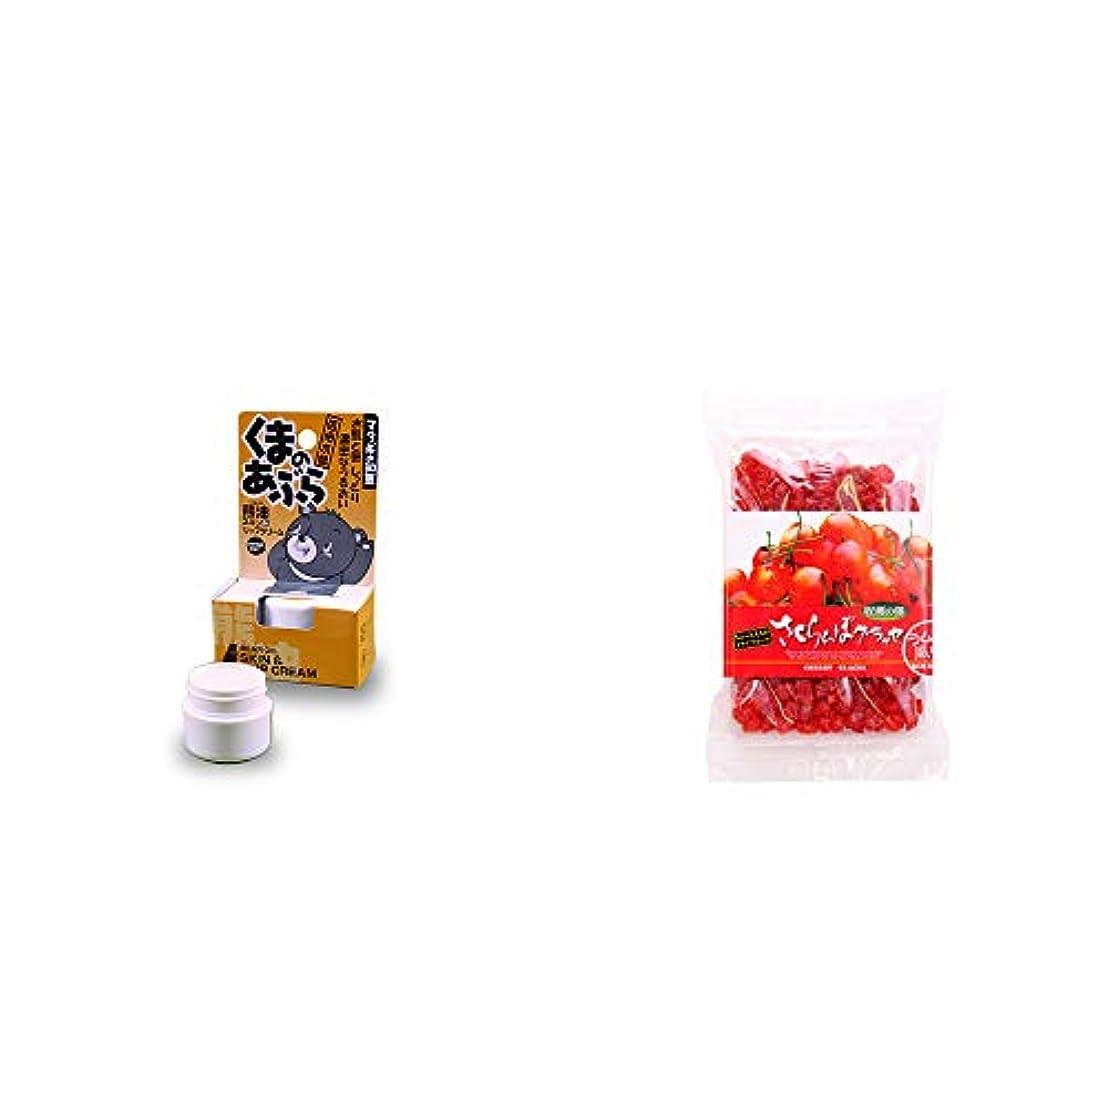 オーナメントの十[2点セット] 信州木曽 くまのあぶら 熊油スキン&リップクリーム(9g)?収穫の朝 さくらんぼグラッセ ラム酒風味(180g)